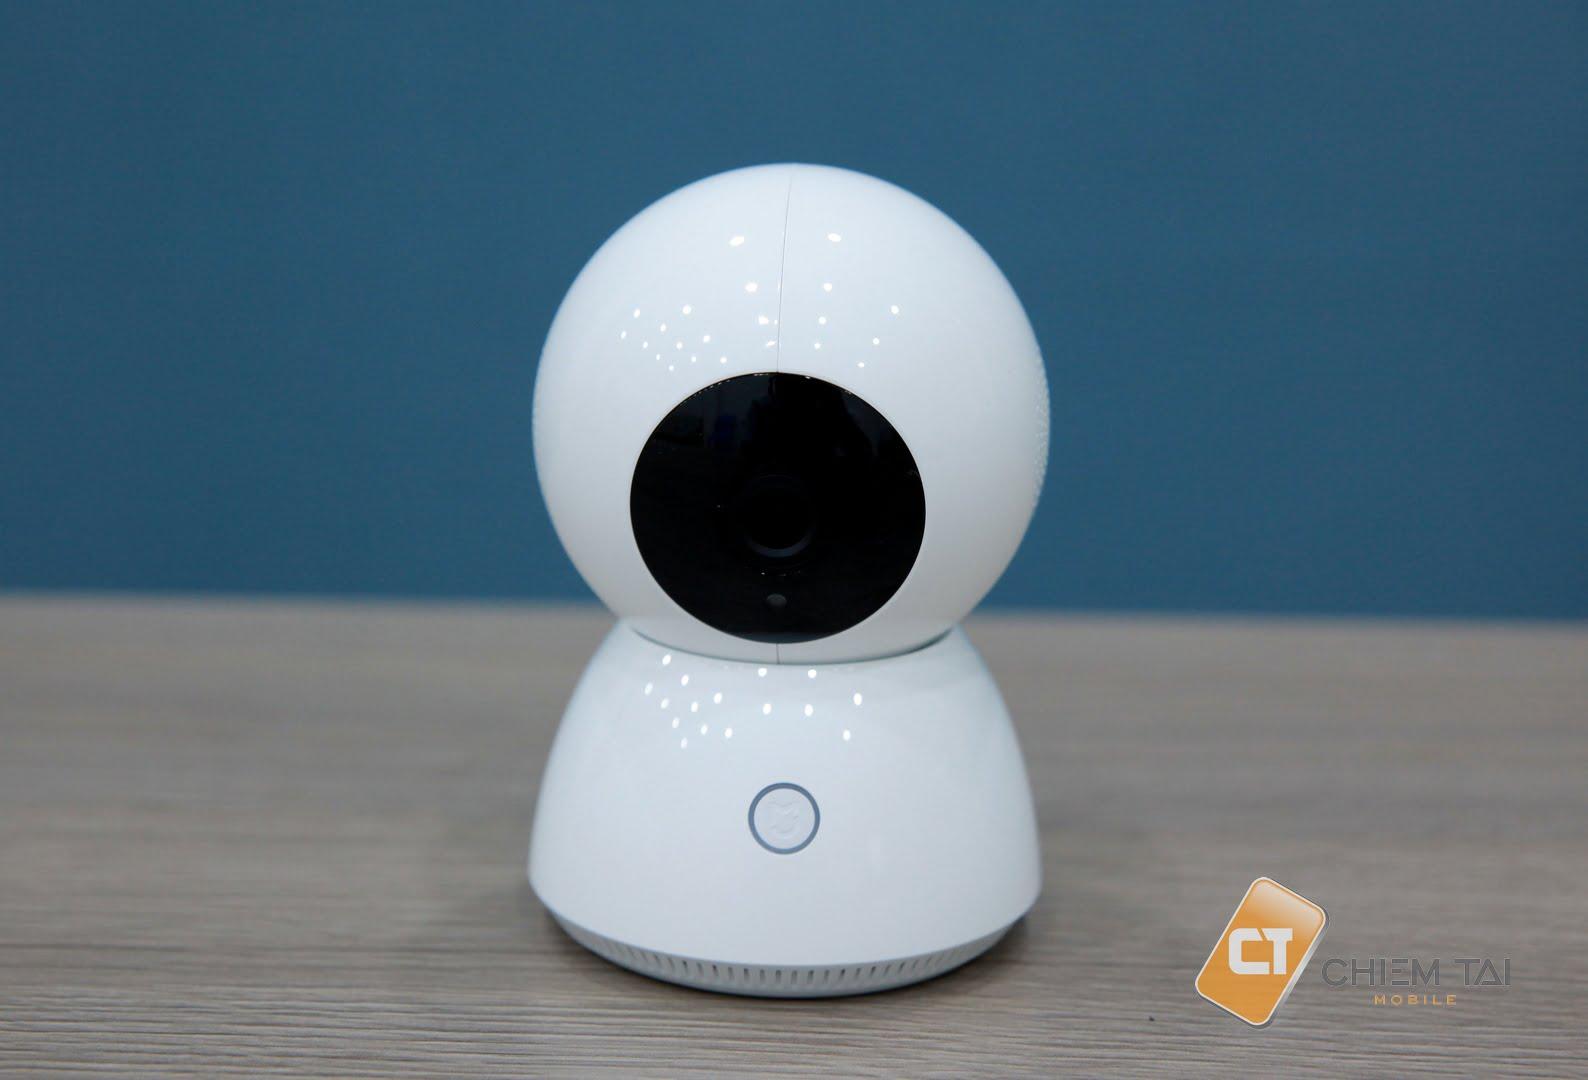 camera ip giam sat miija xiaobai 360 1080p ban cao cap 6007d30a56374